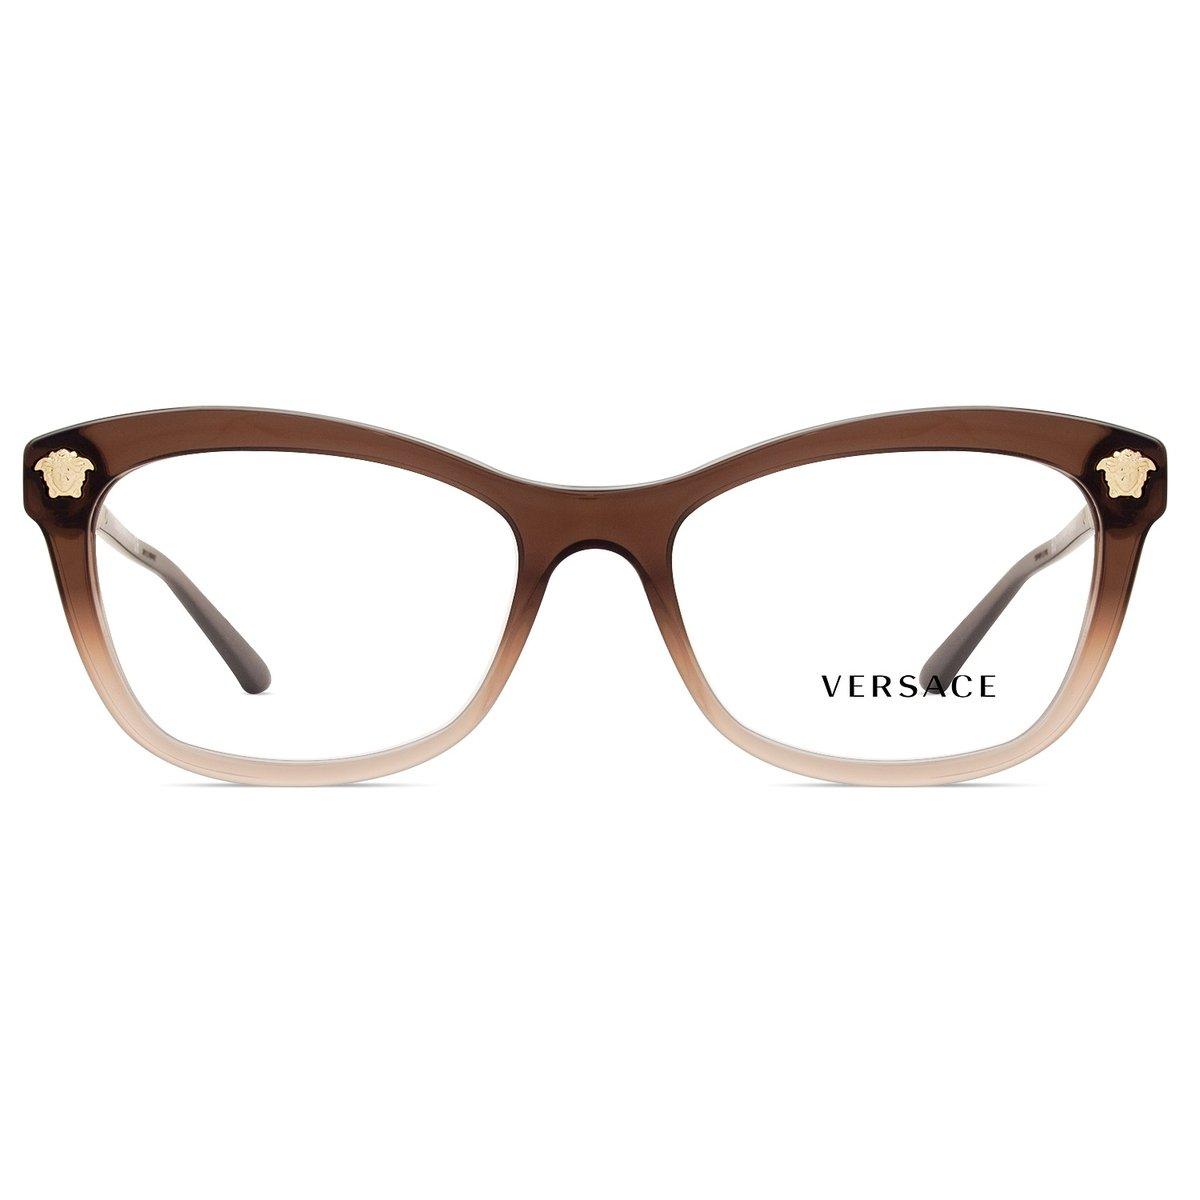 Armação Óculos de Grau Versace VE3224 5165-54 - Compre Agora   Zattini 567e2ecb07